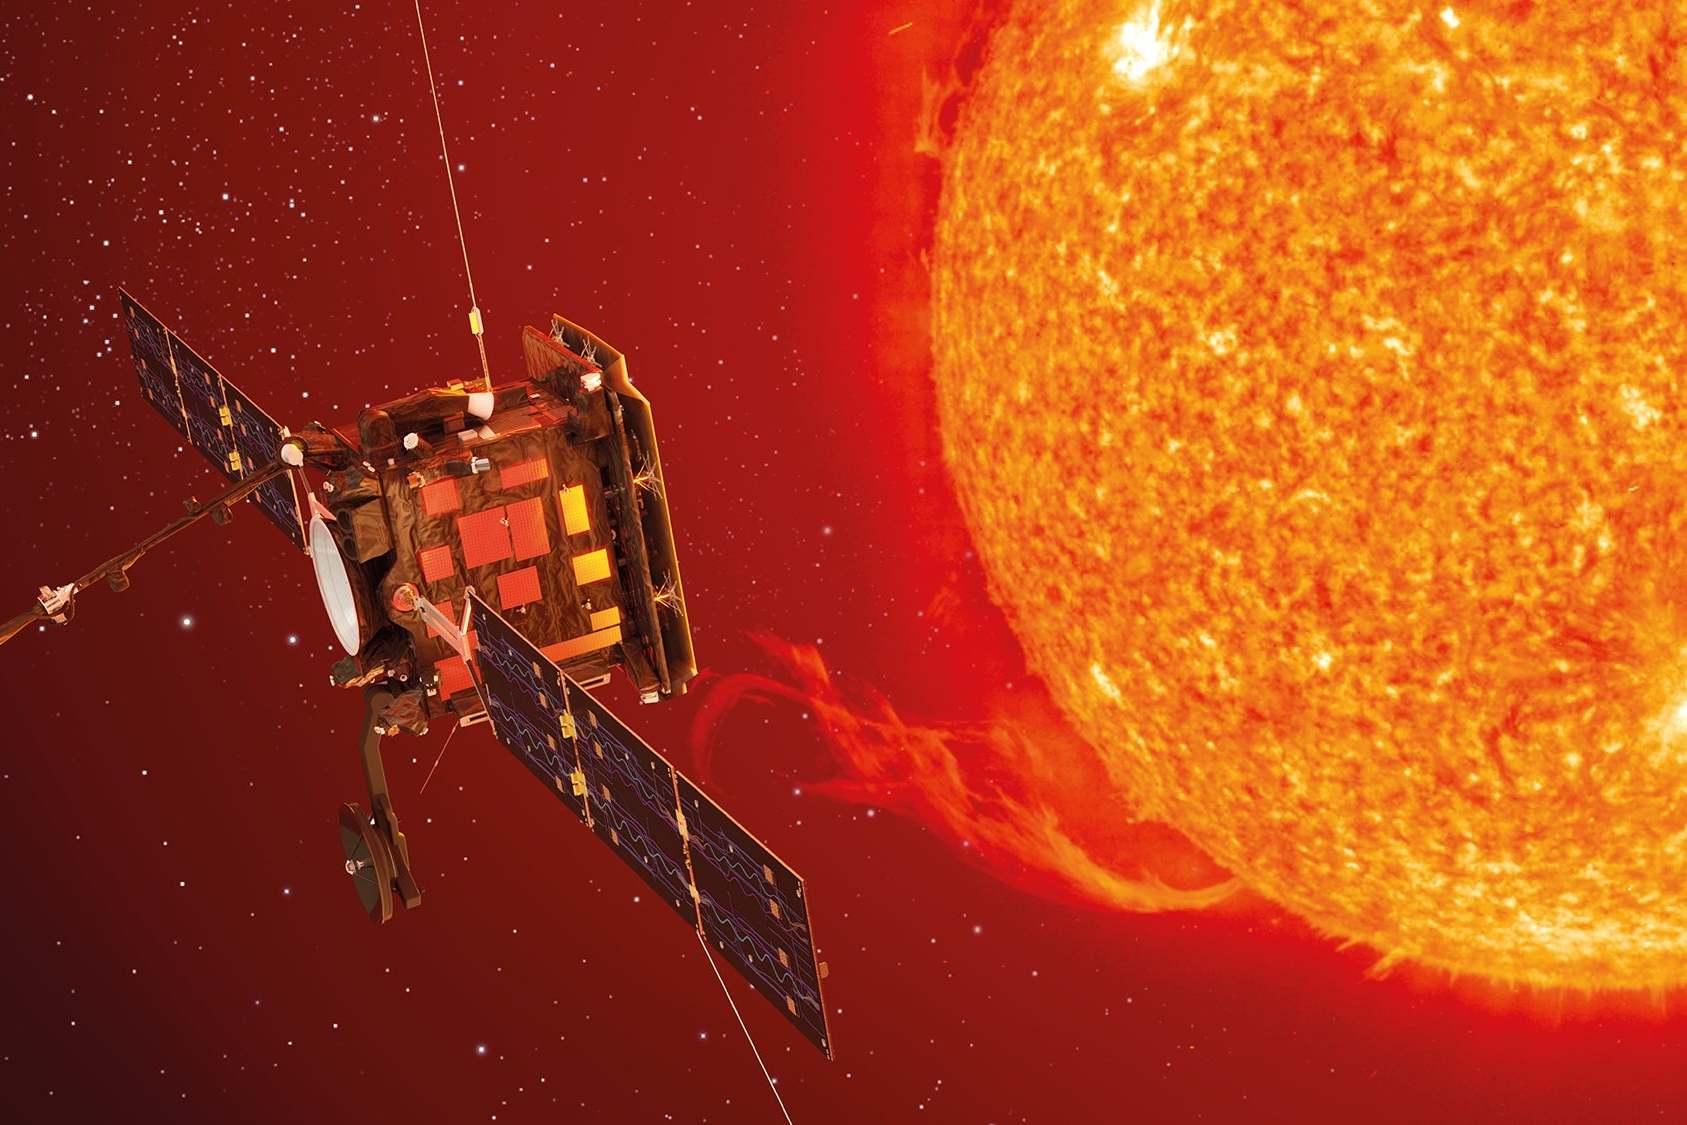 Mission Solar Orbiter